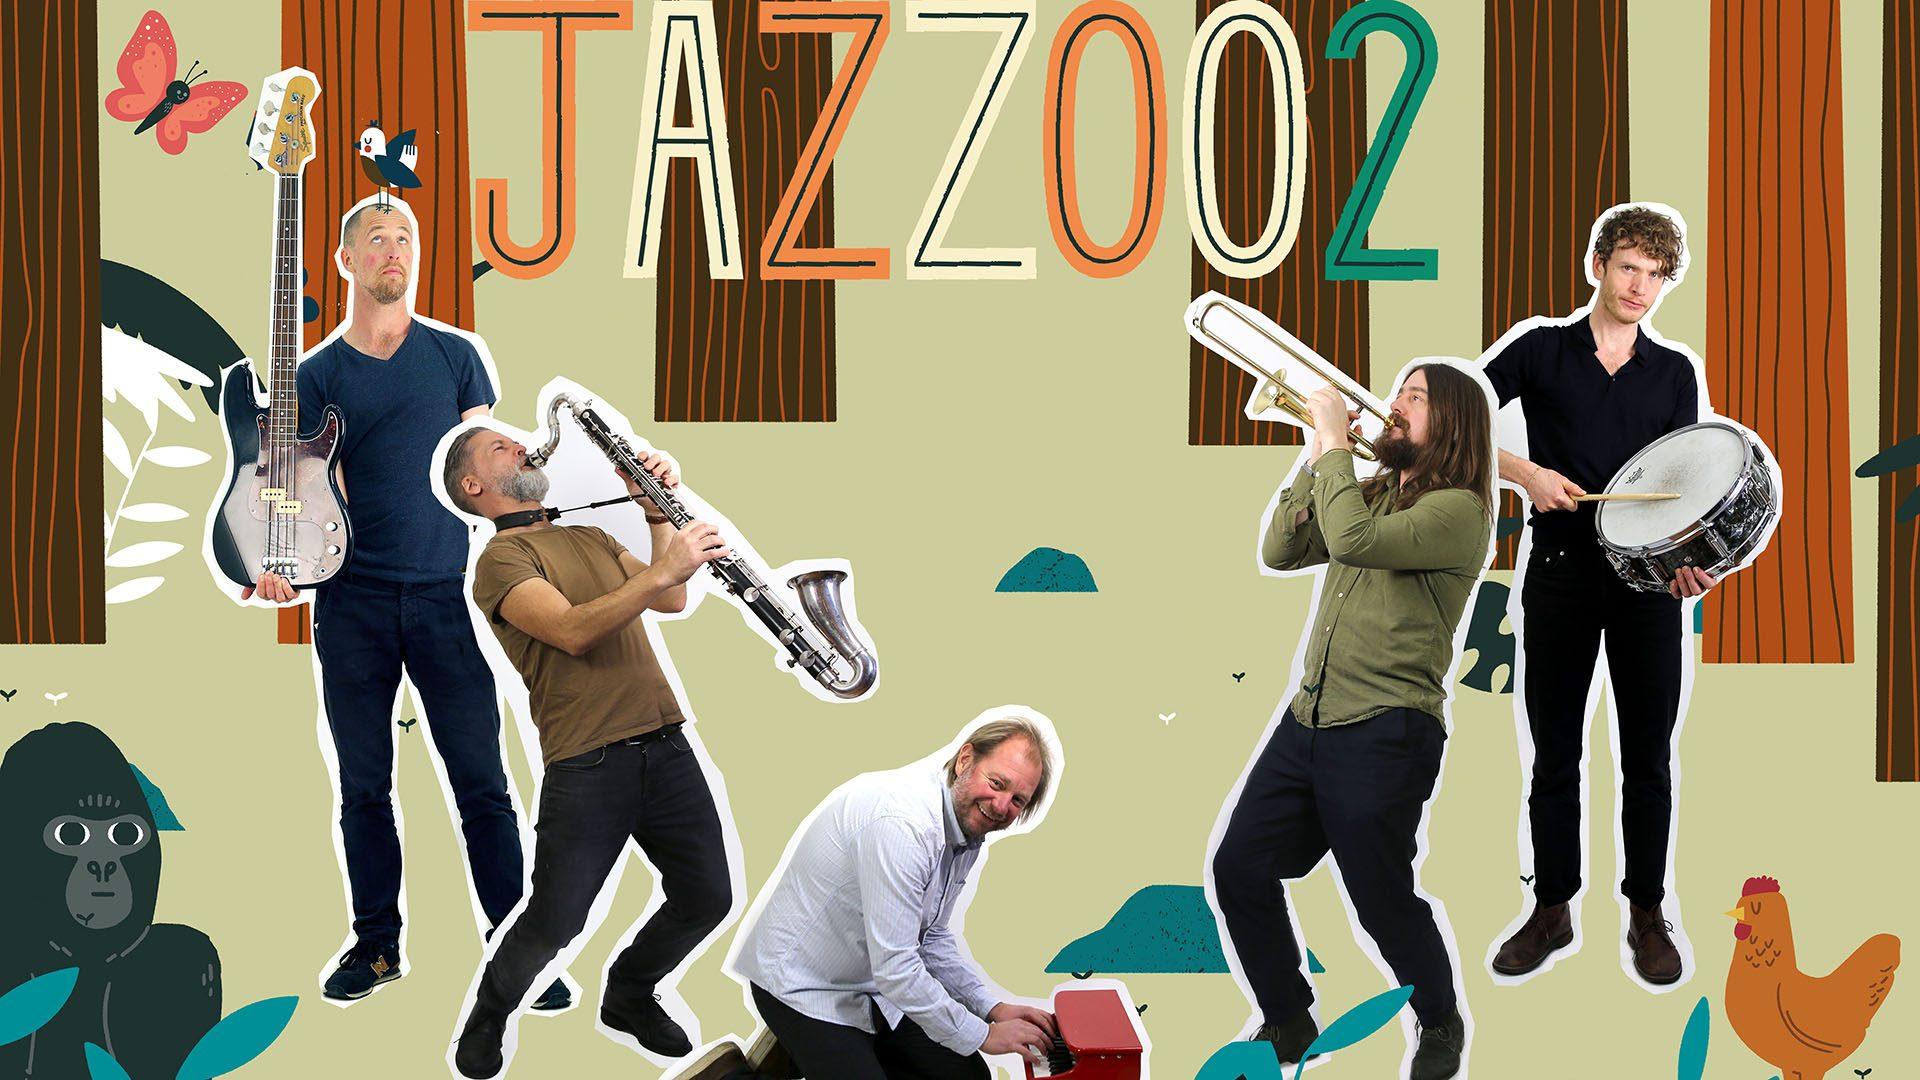 jazzoo_1920x1080